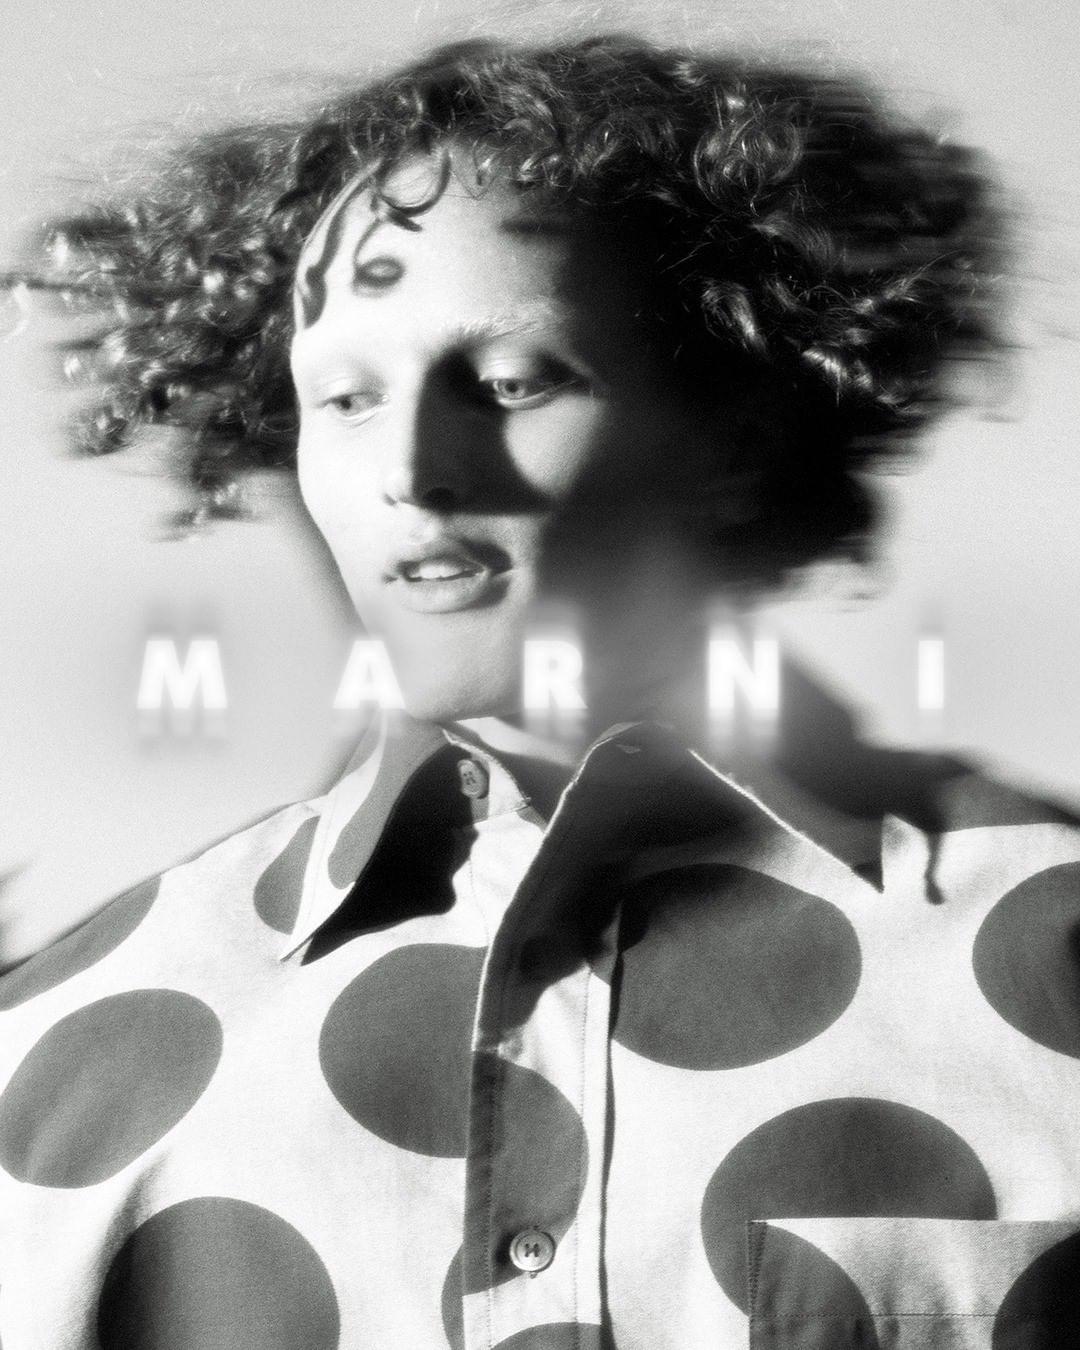 Marni Fall 2020 Ad Campaign Film & Photos